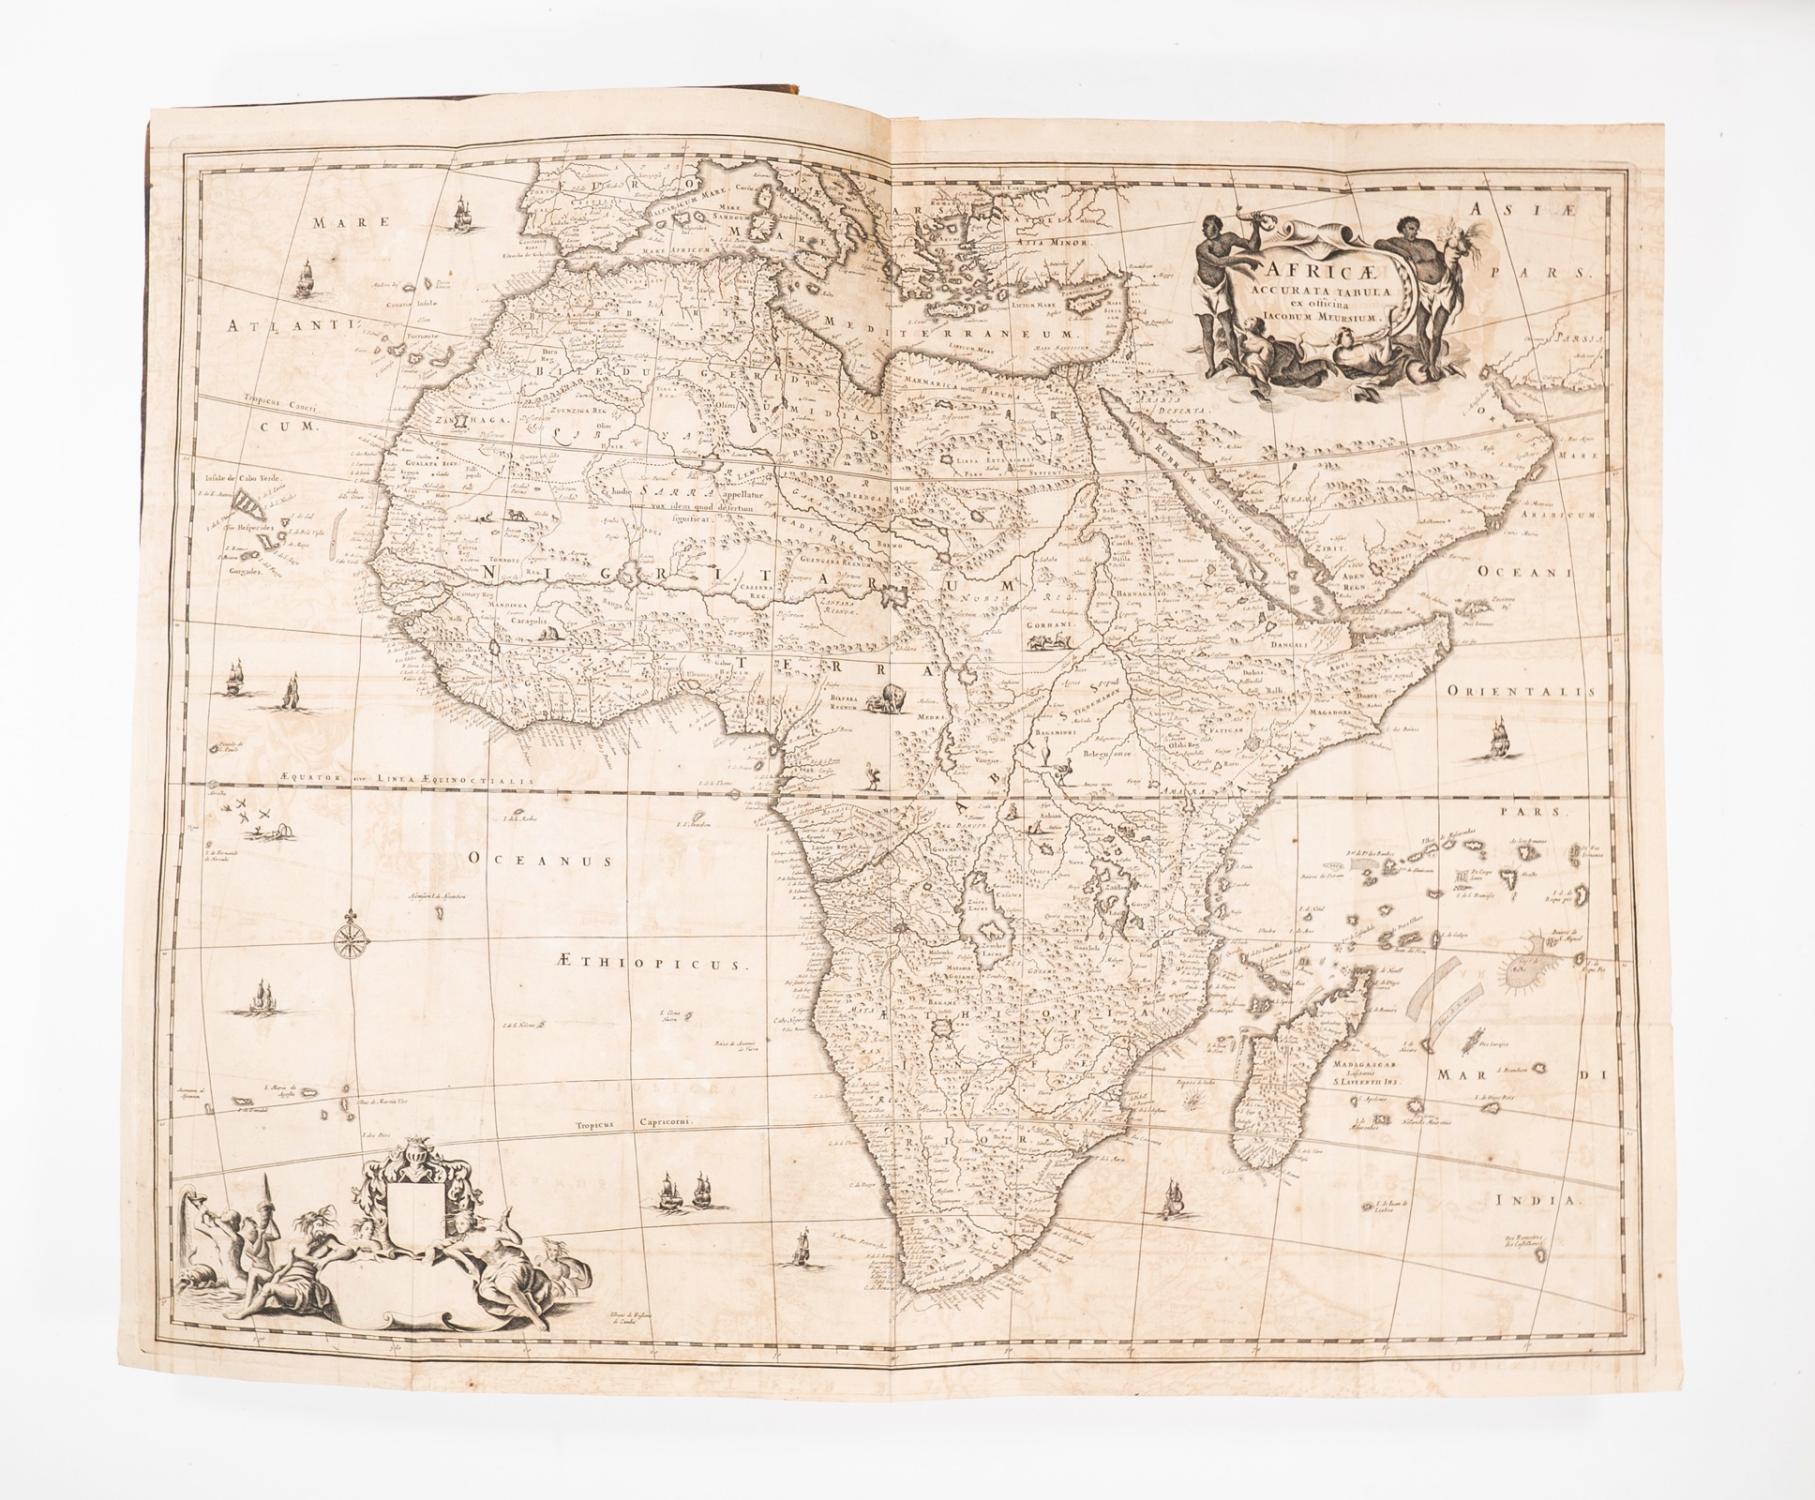 viaLibri ~ Rare Books from 1686 - Page 5